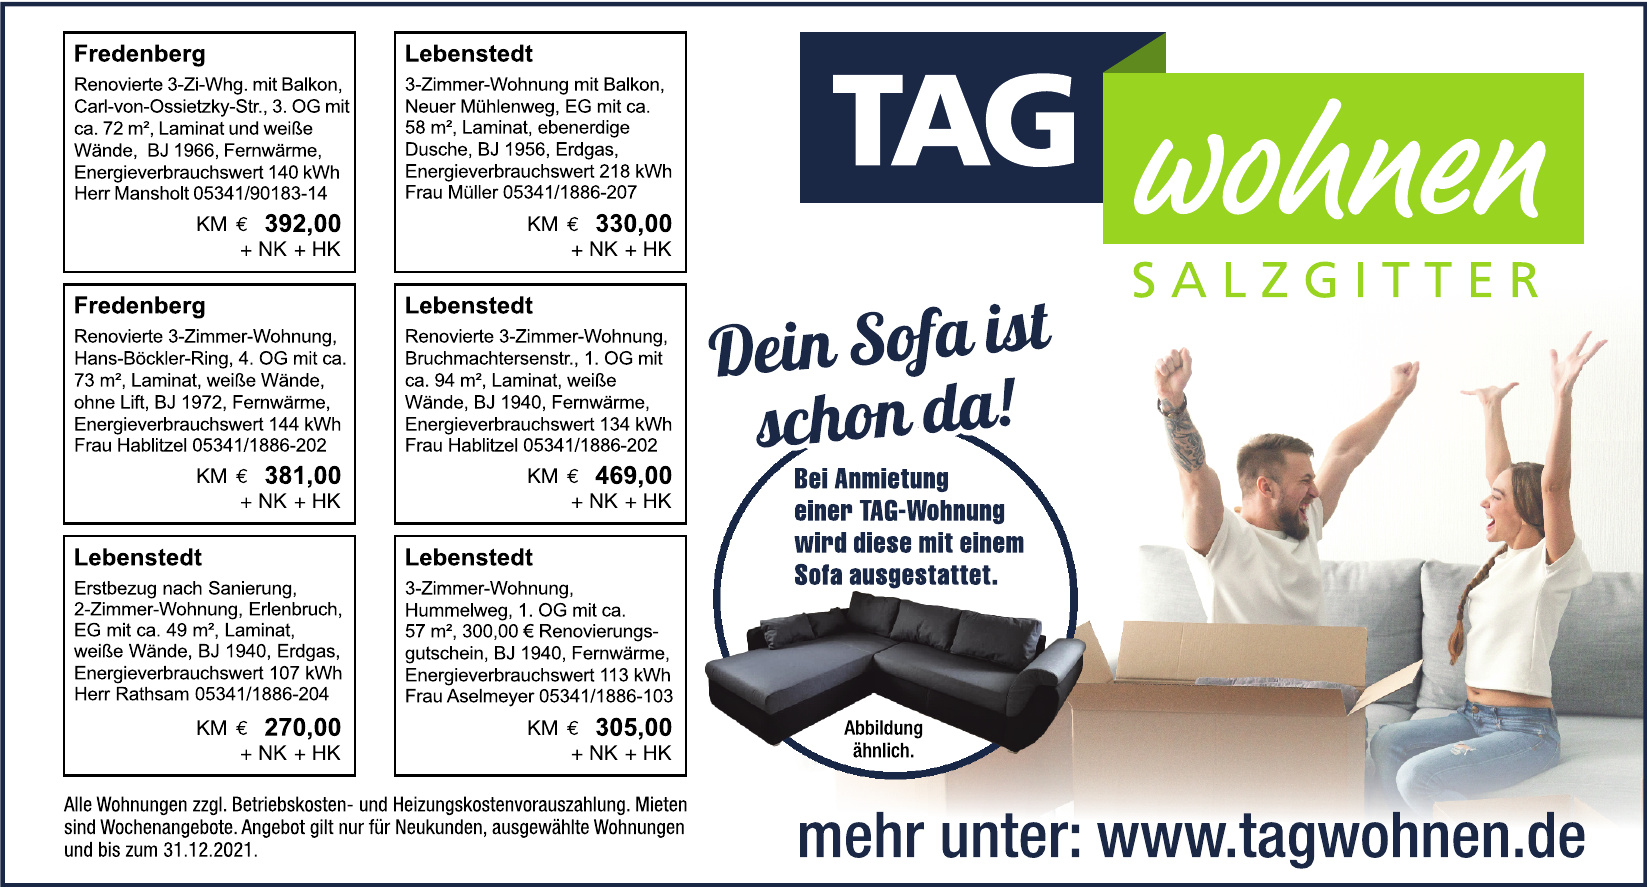 TAG Wohnen Salzgitter